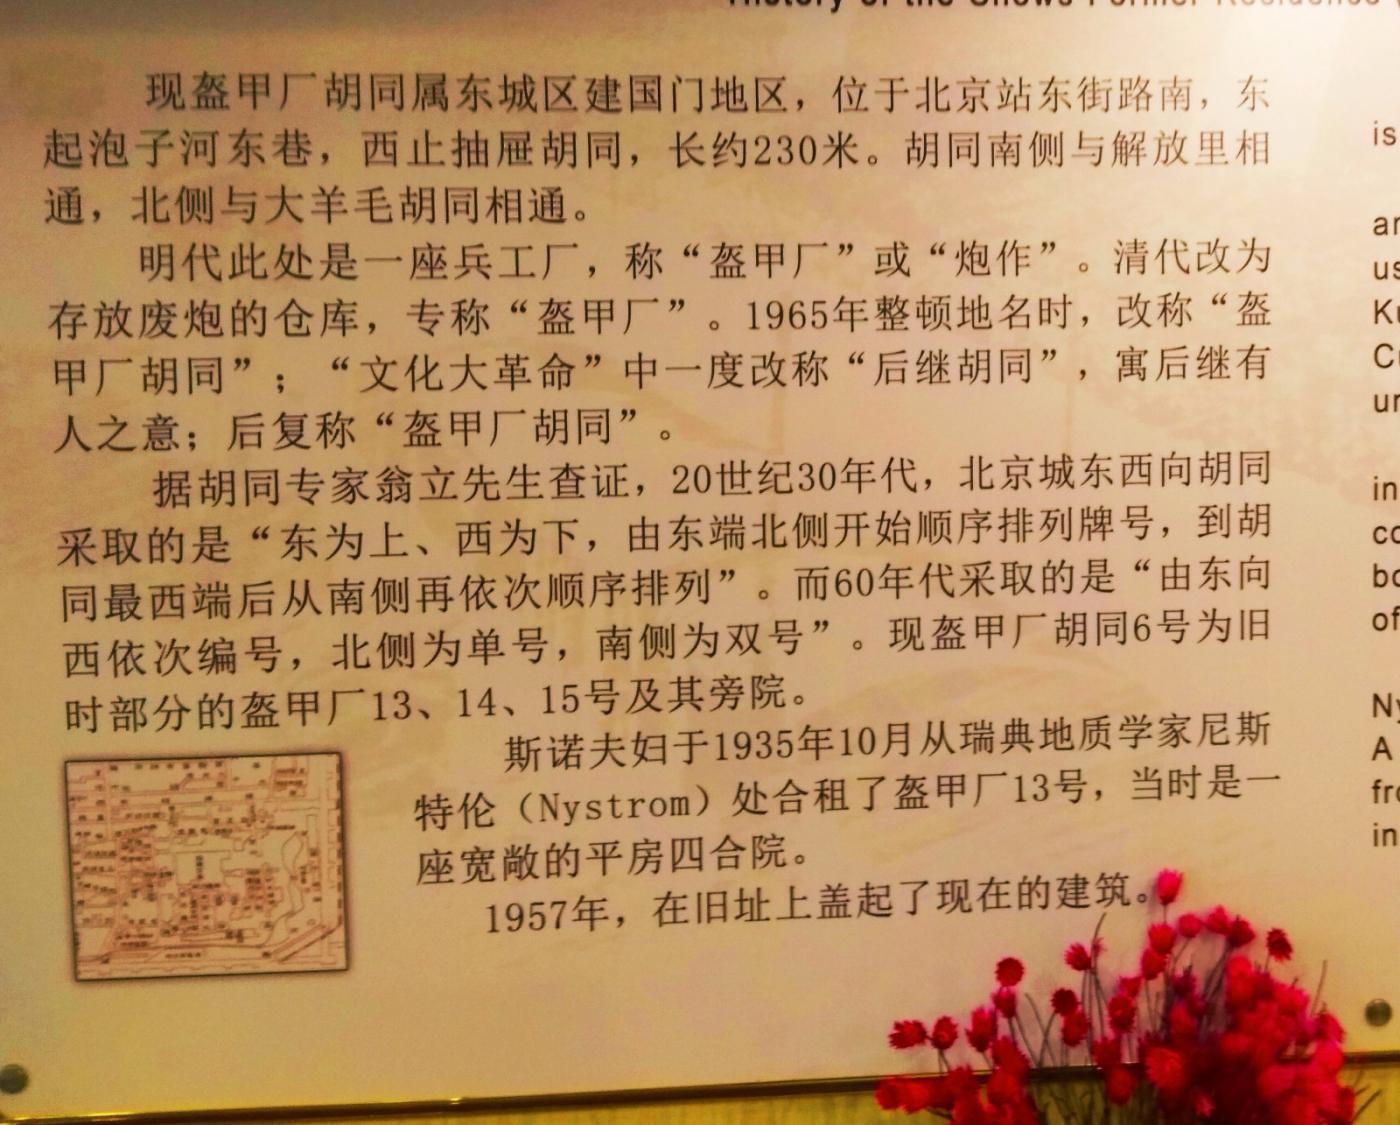 埃德加·斯诺北京居住地旧址(图)_图1-17